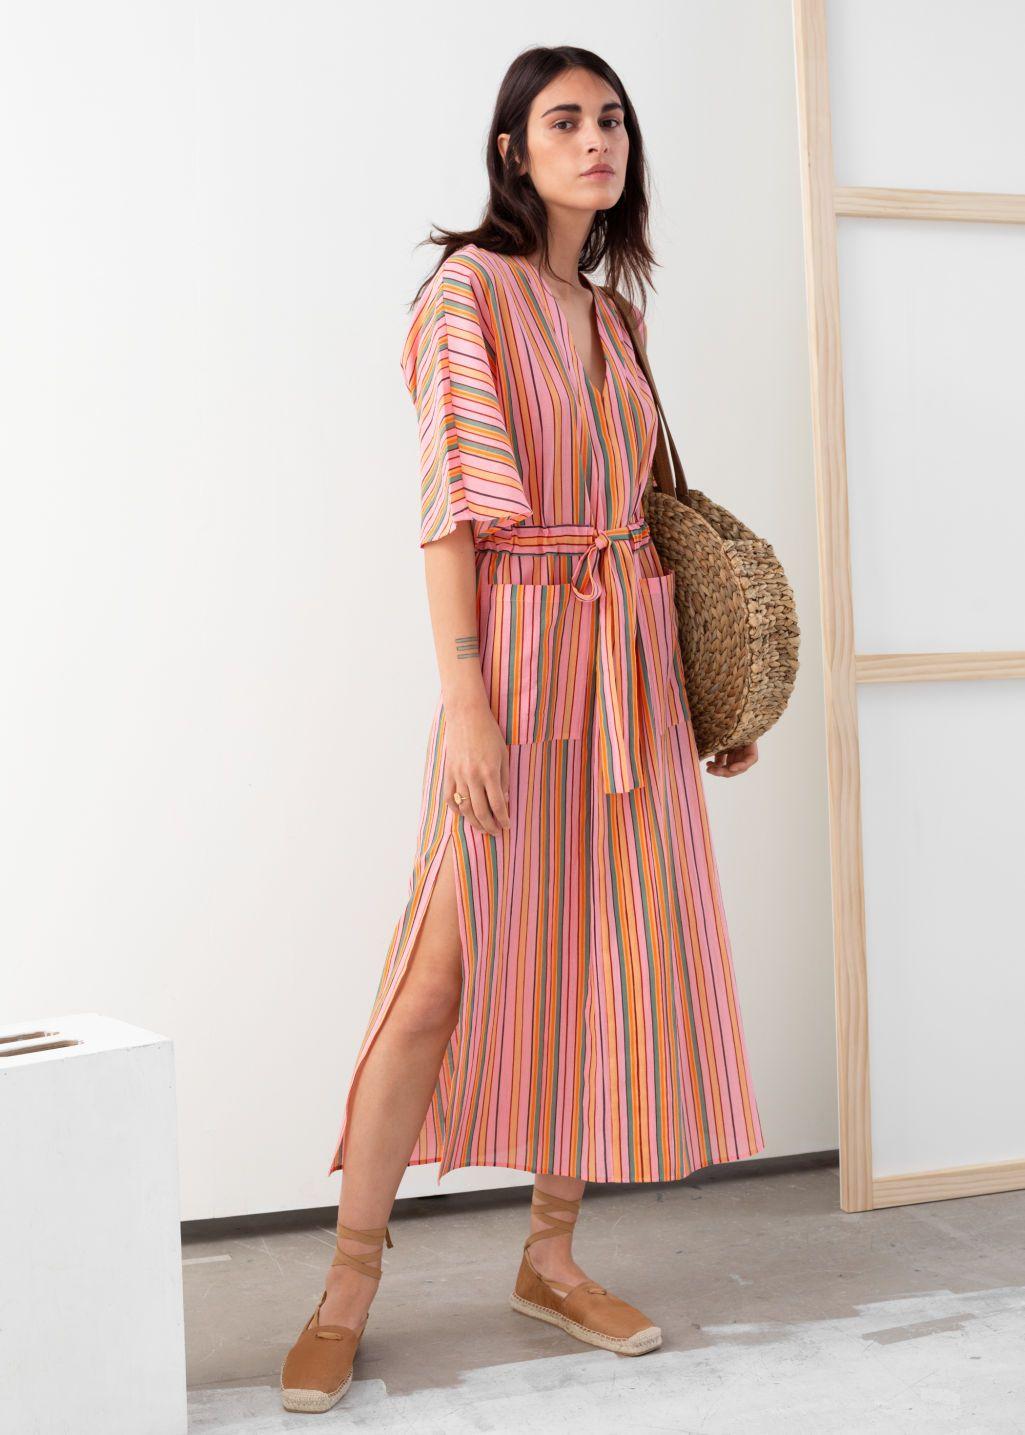 Pdp Cotton Midi Dress Striped Midi Dress Midi Dress [ 1435 x 1025 Pixel ]